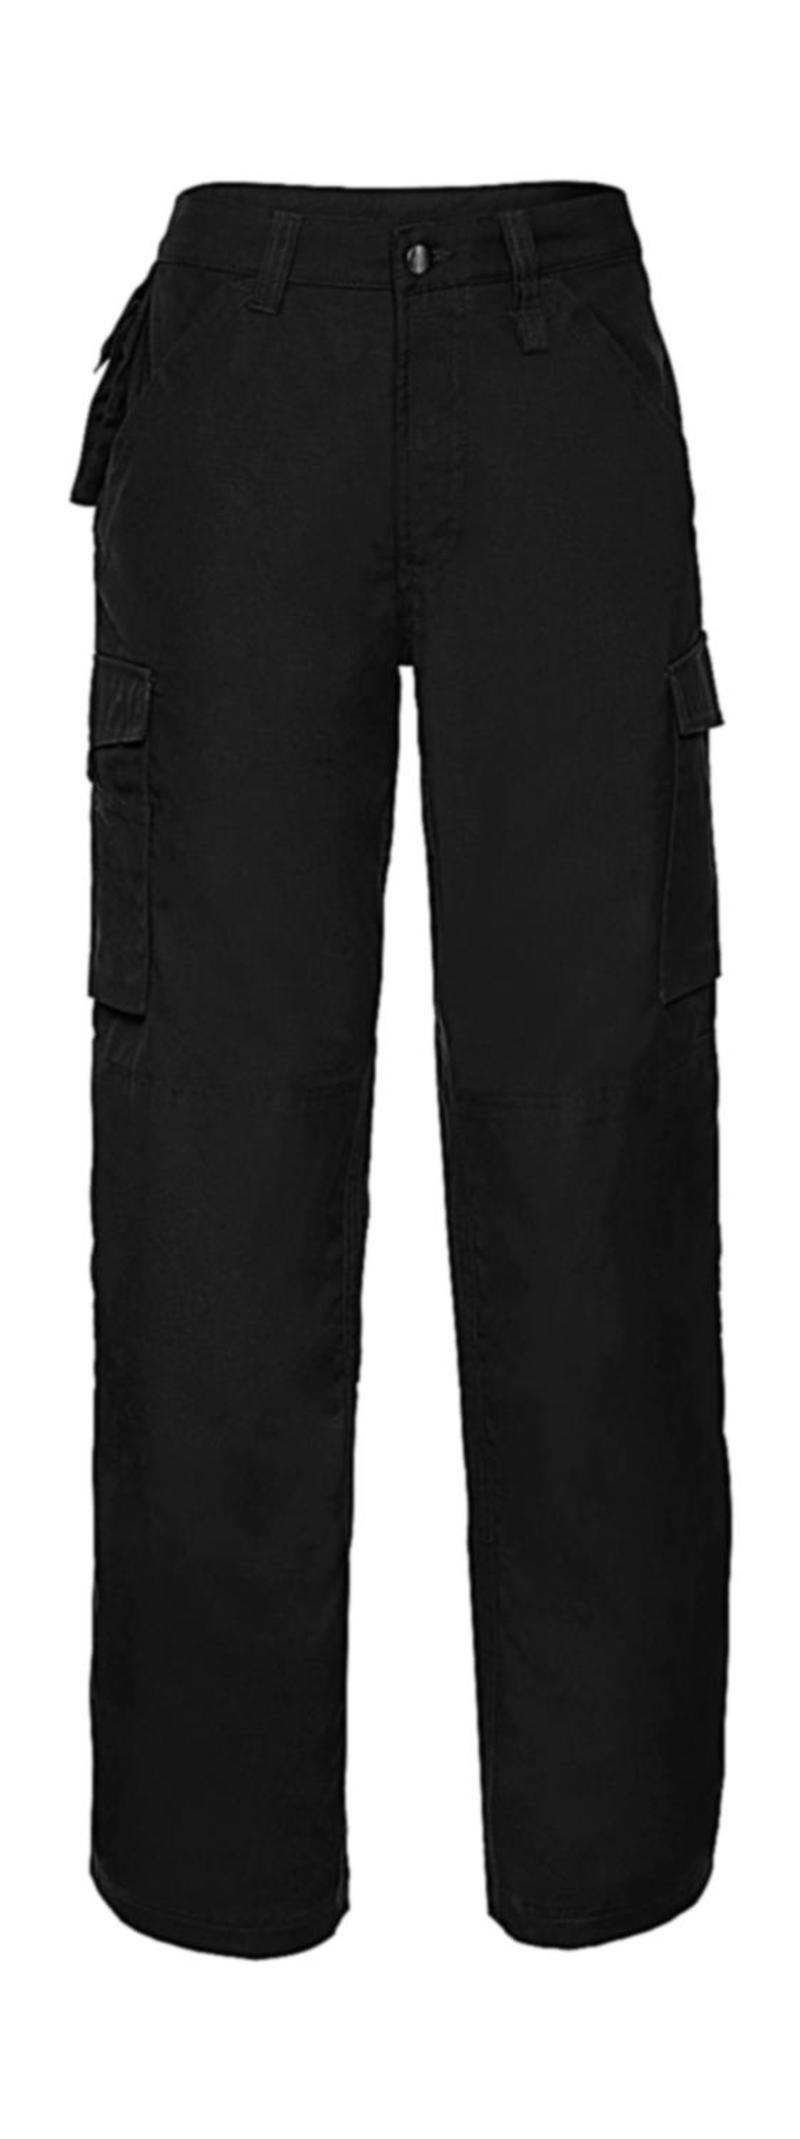 Heavy Duty Workwear Trouser Length 32